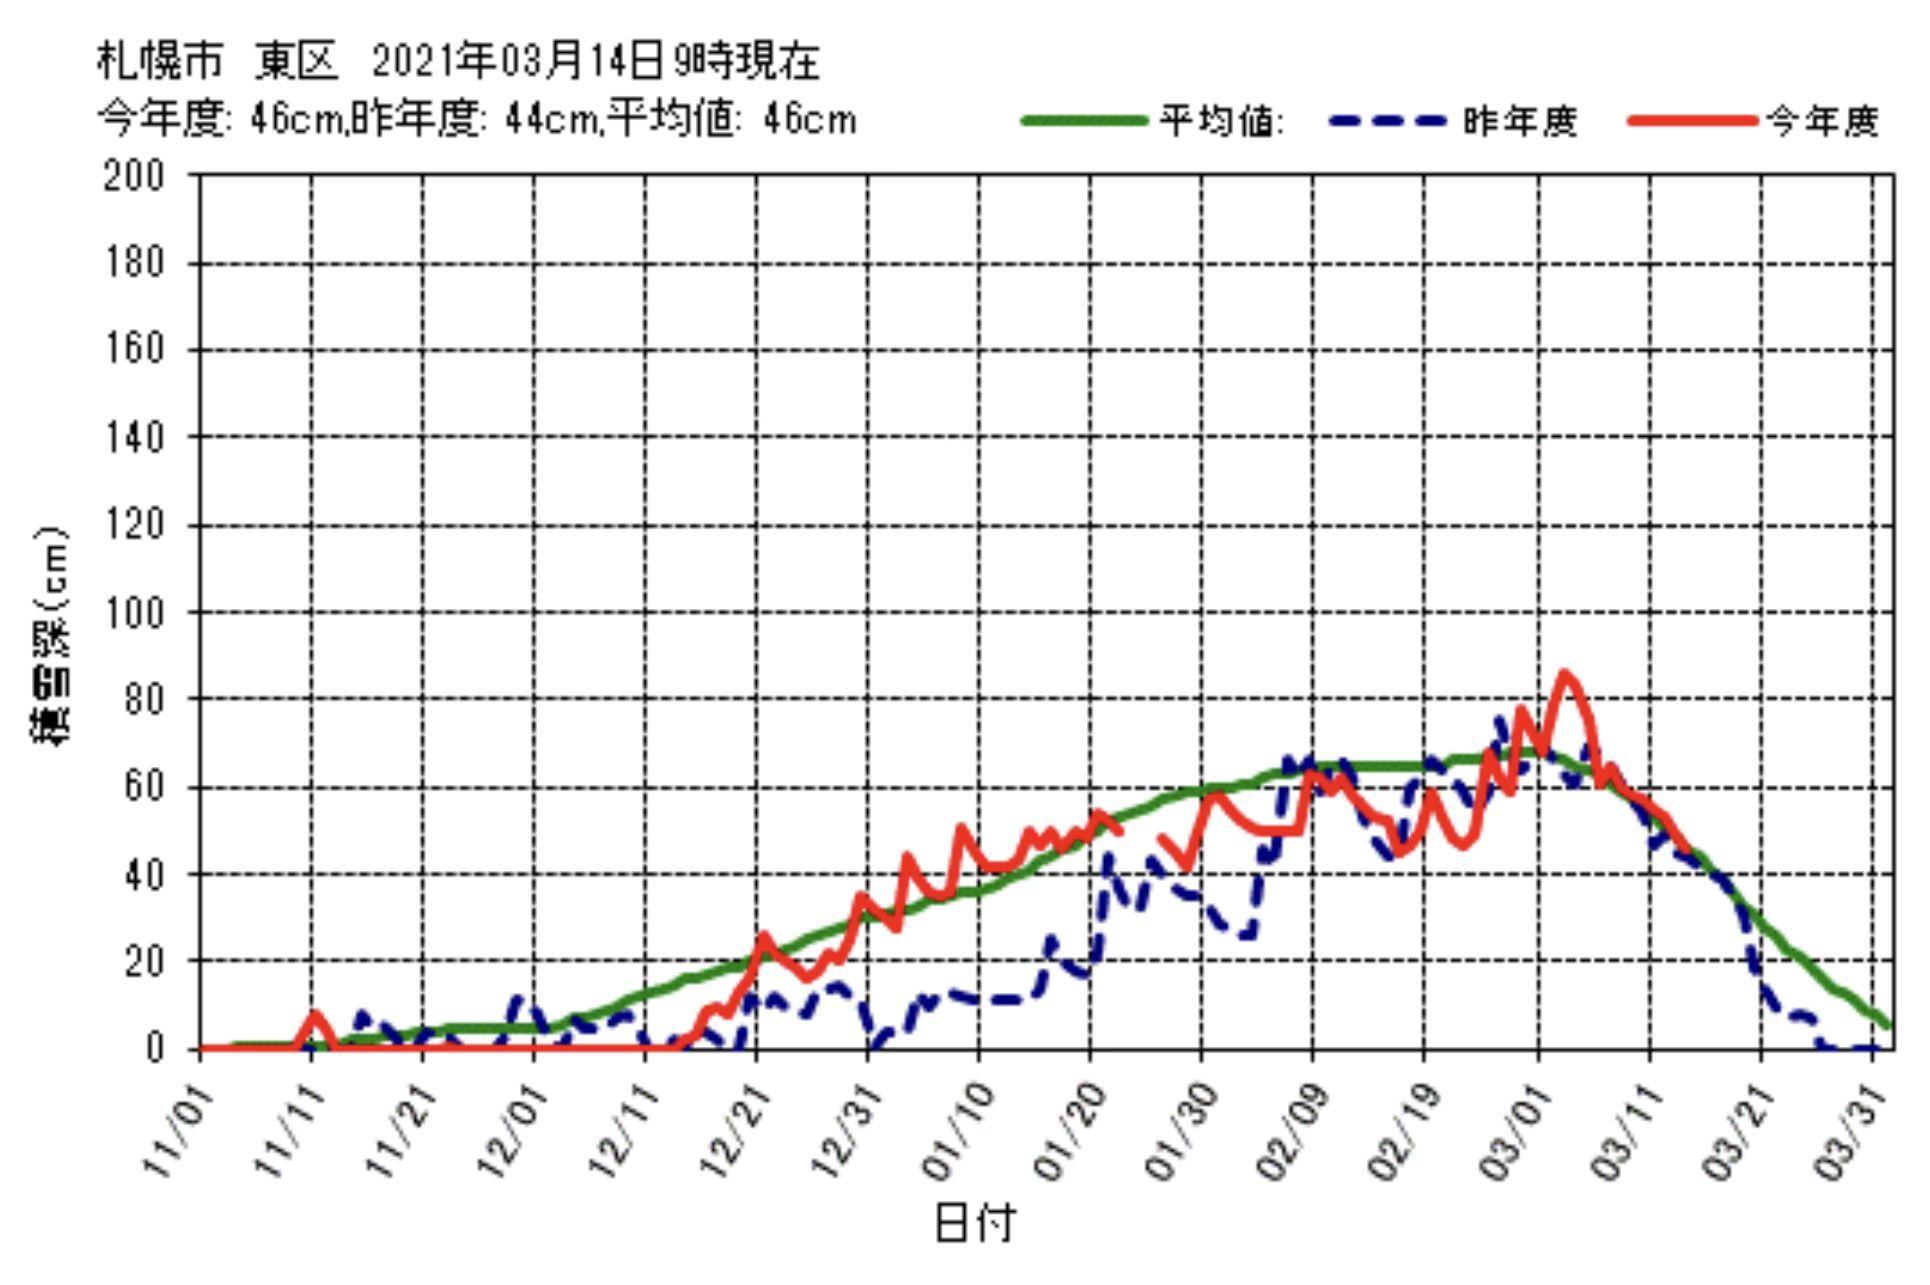 昨日は真夜中に二度目の気温ピークがあり朝までマイナスにならず_c0025115_22164662.jpg